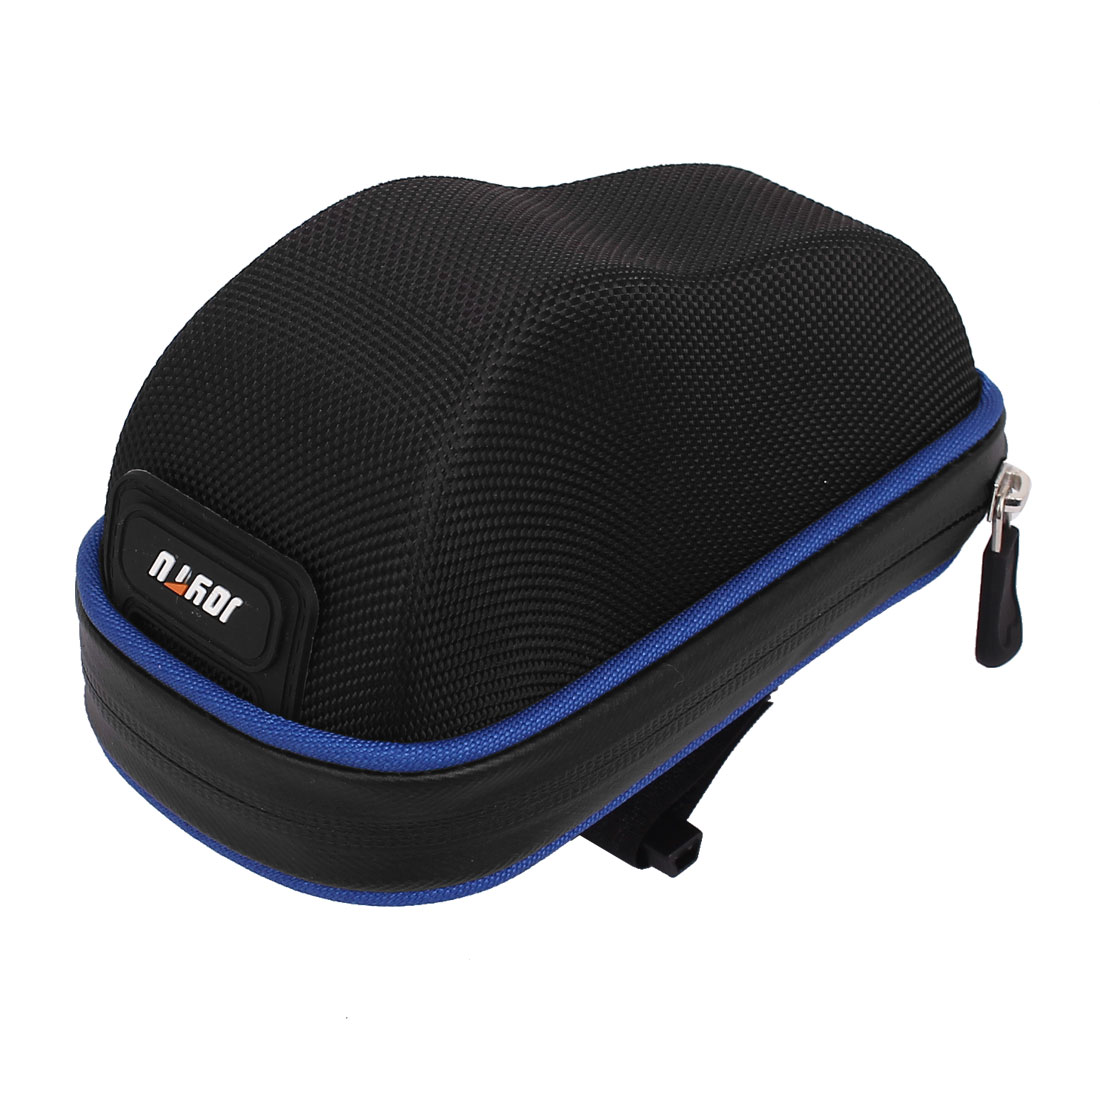 Unique Bargains Bike Cycling Bicycle Topeak Wedge Pannier  Rear Saddle Bag Pouch Black Blue